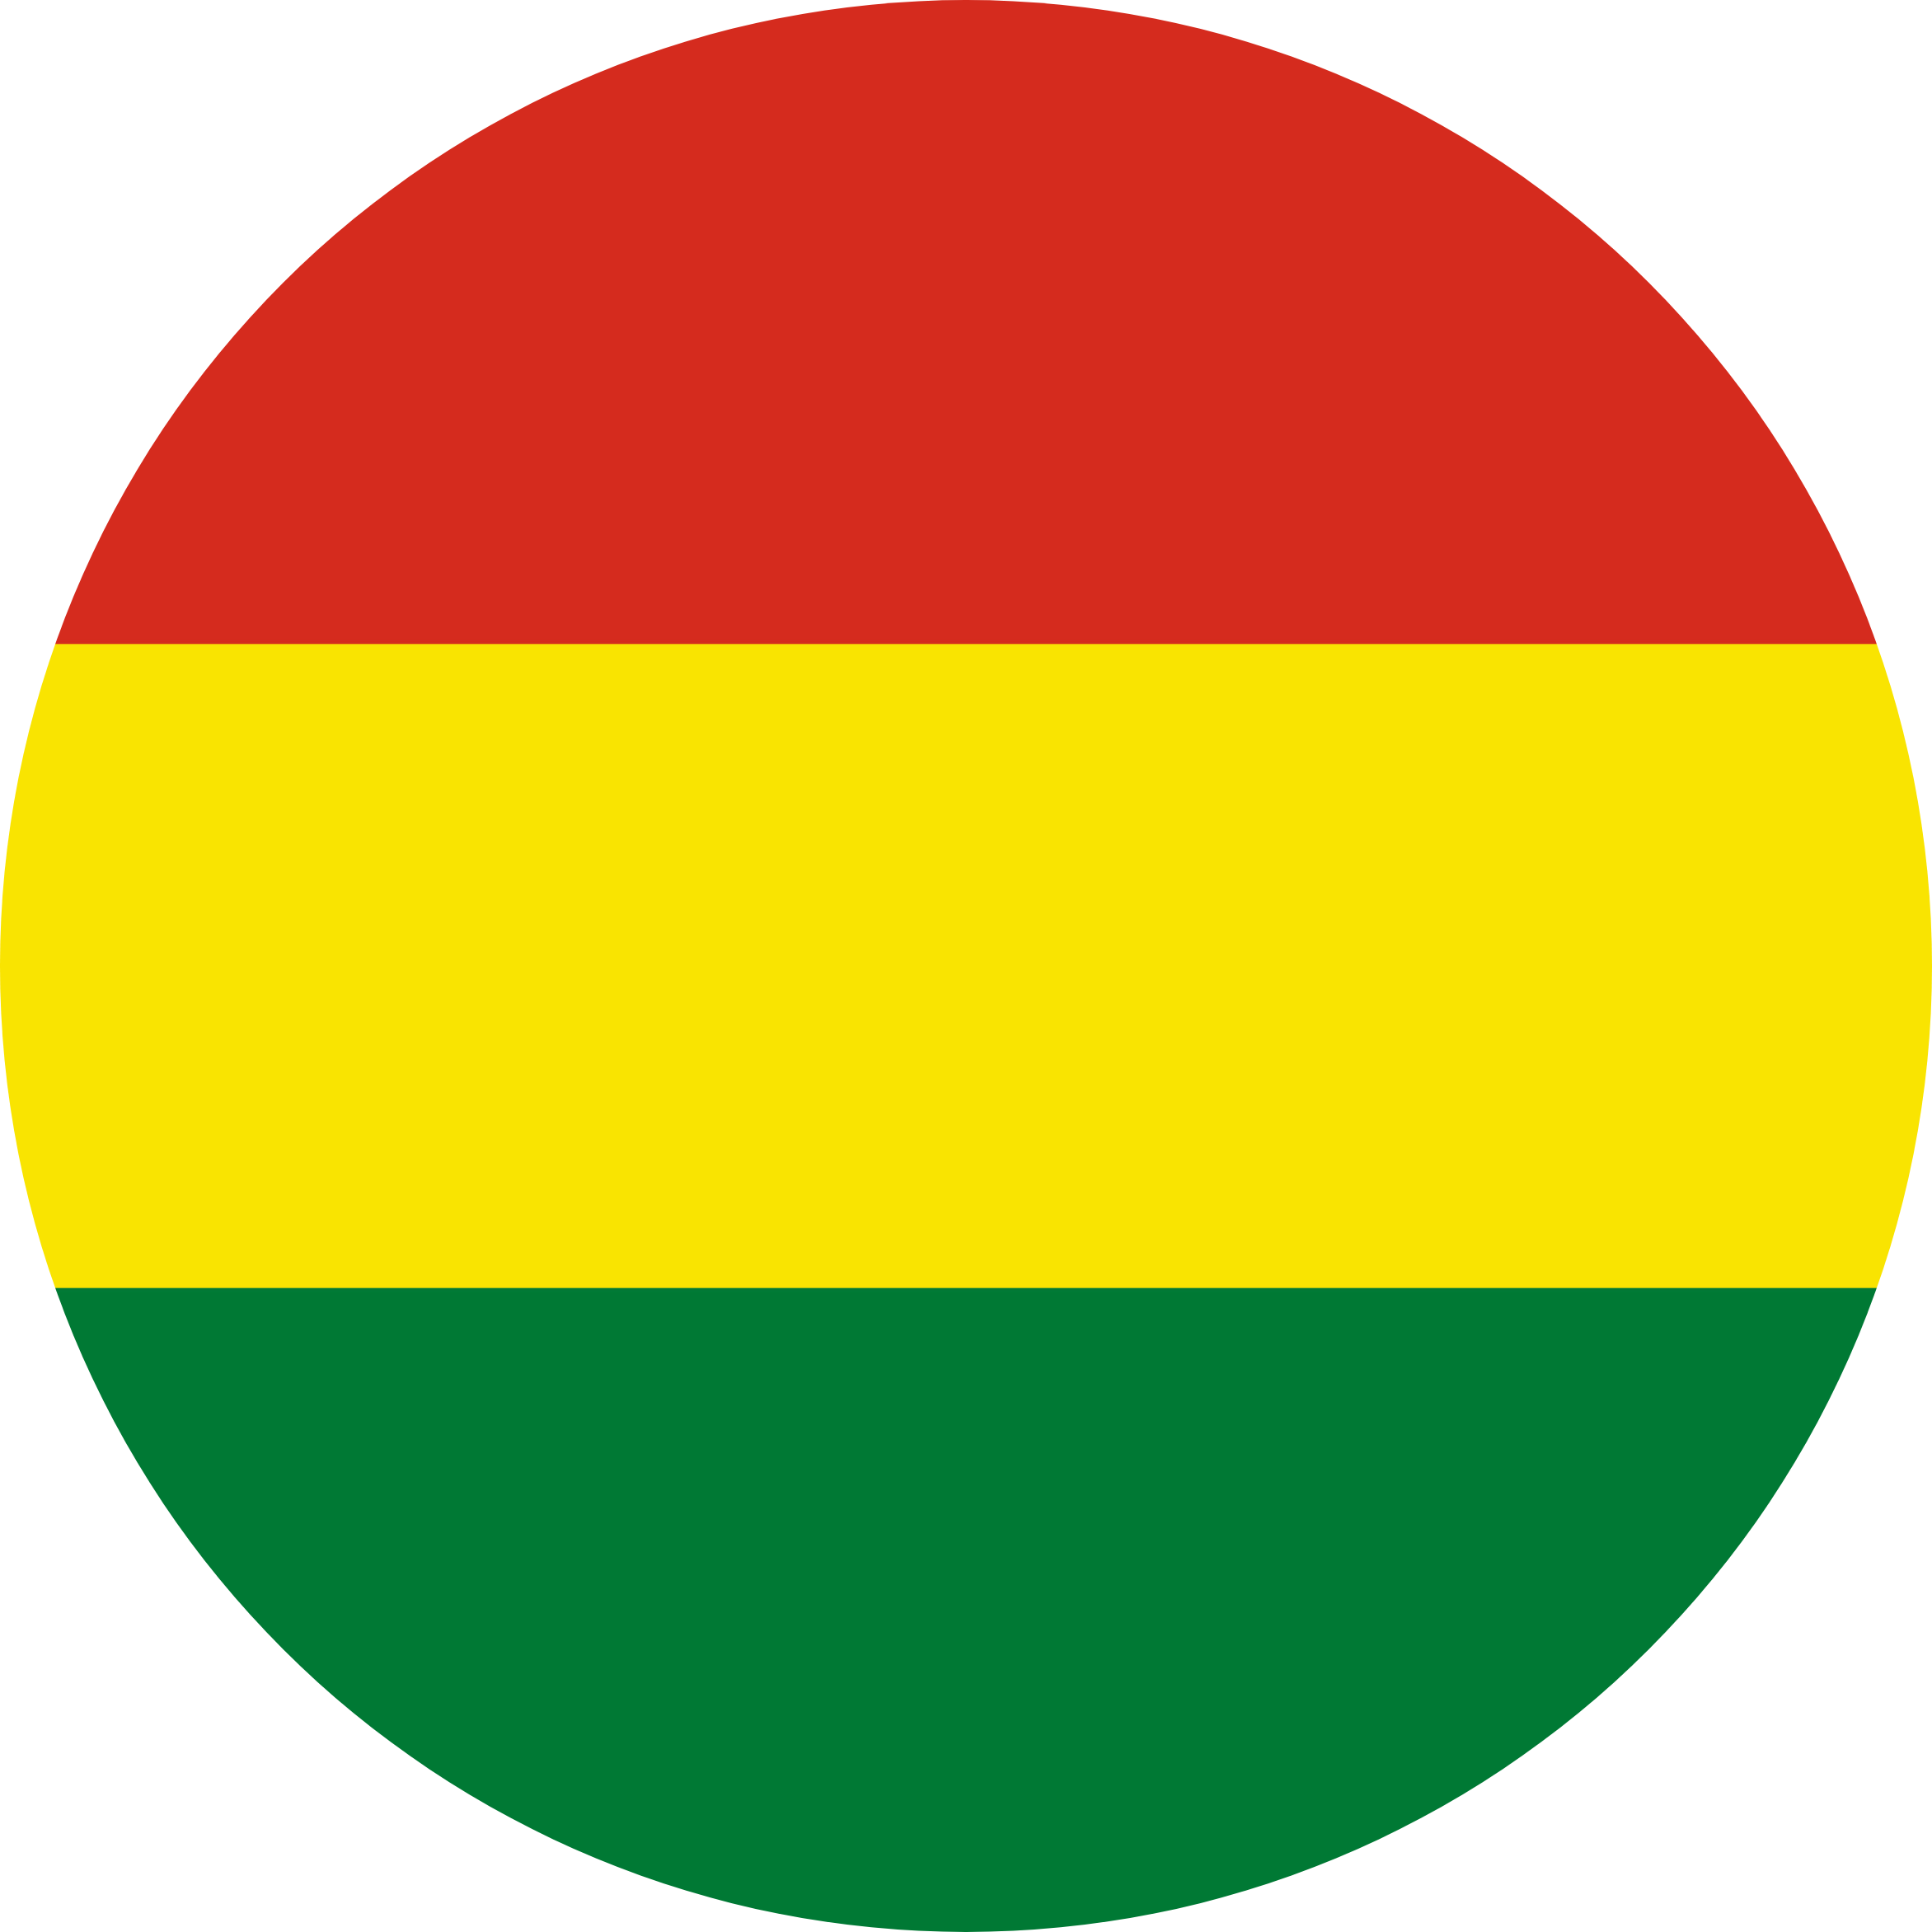 Bolivia Flag Emoji